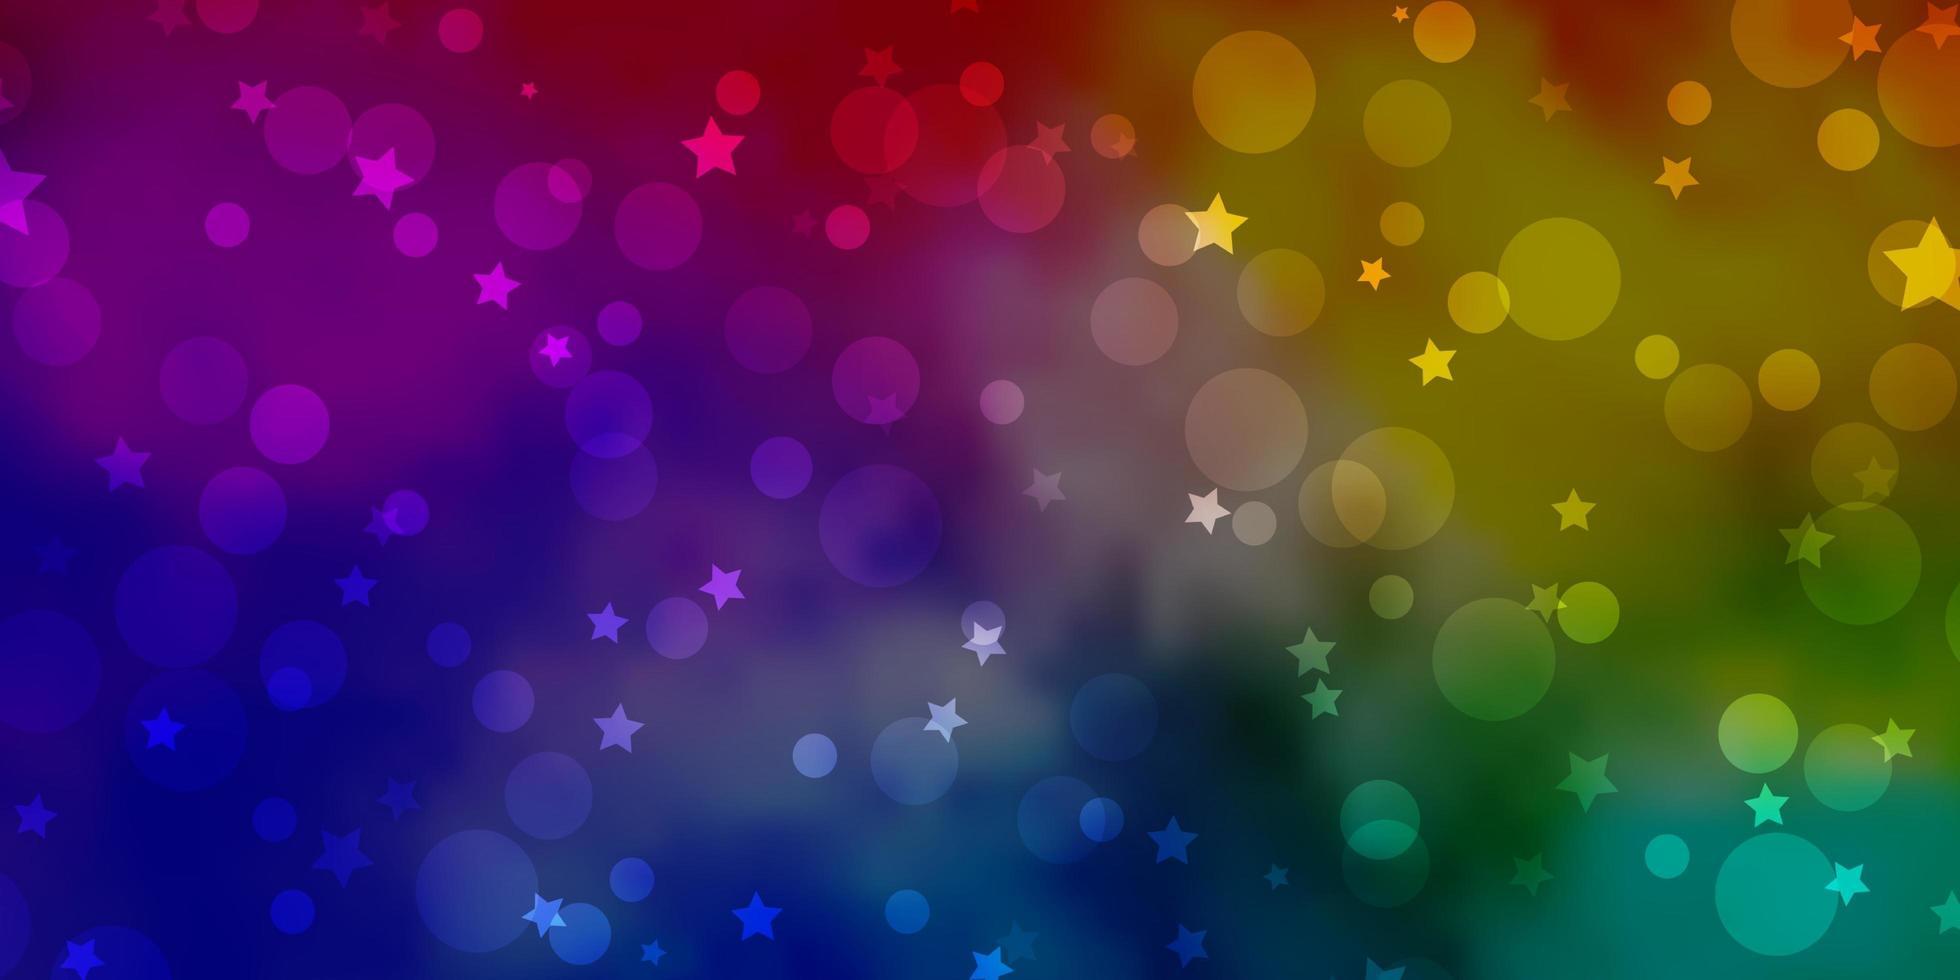 modèle vectoriel multicolore clair avec des cercles, des étoiles.